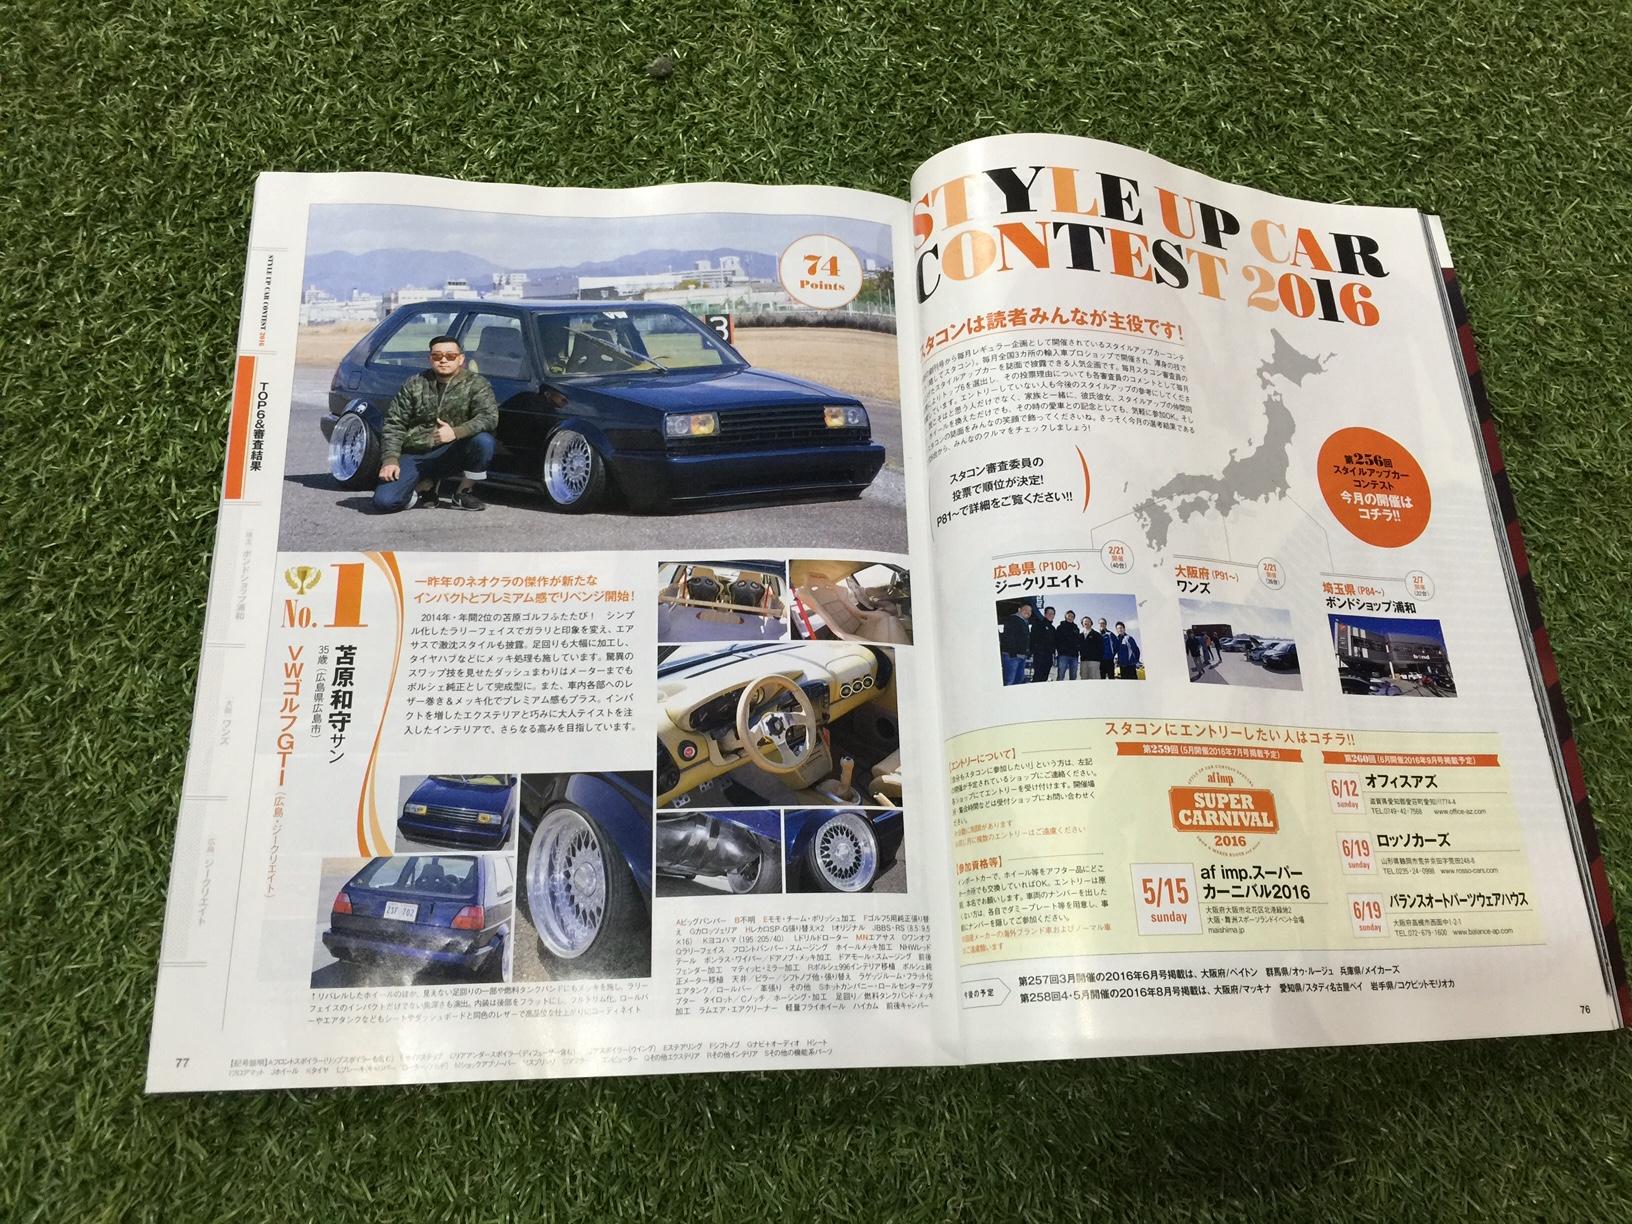 af impスタコン参加者募集!!